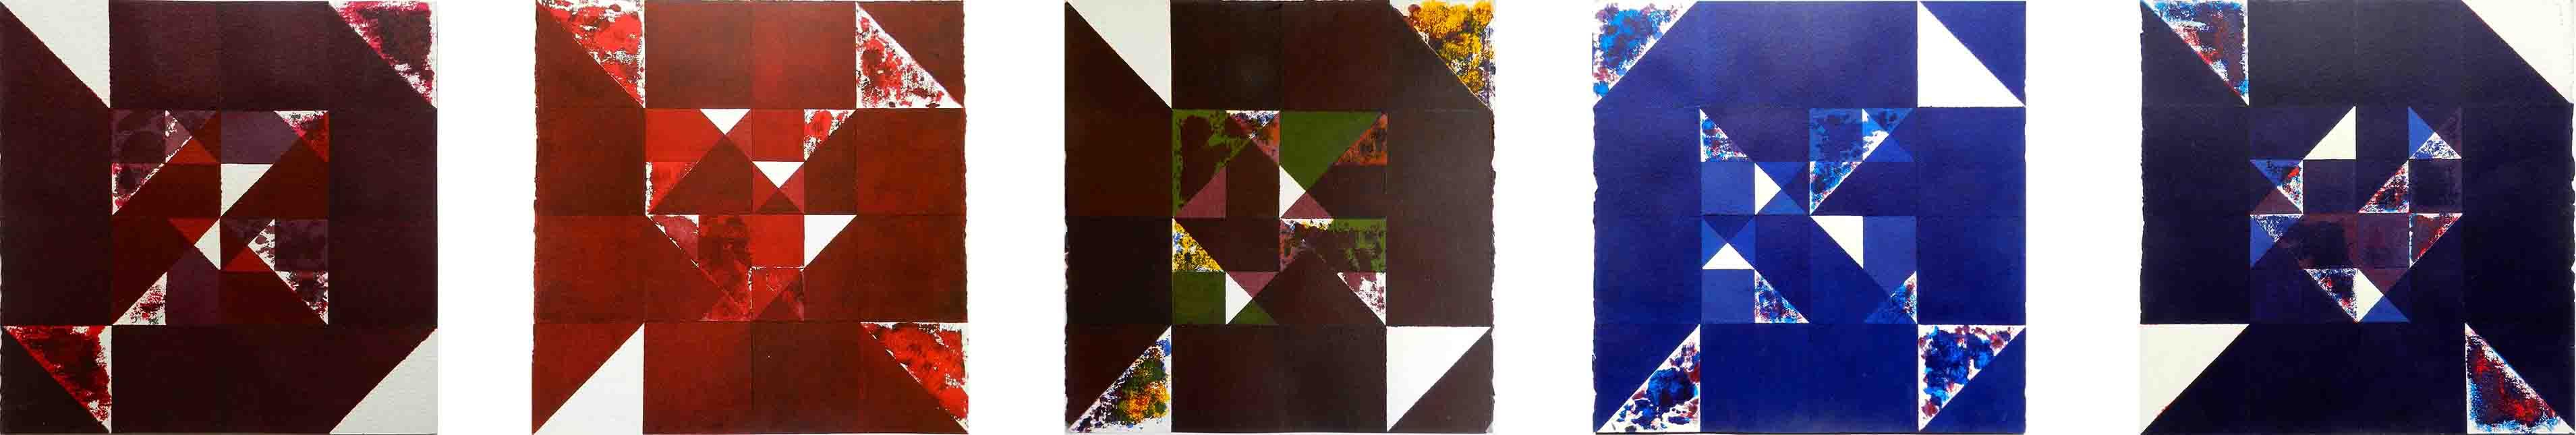 ALBERT AYME - 5 Inventions sur 3 couleurs - Nouvelles gammes - 1995 - 1998